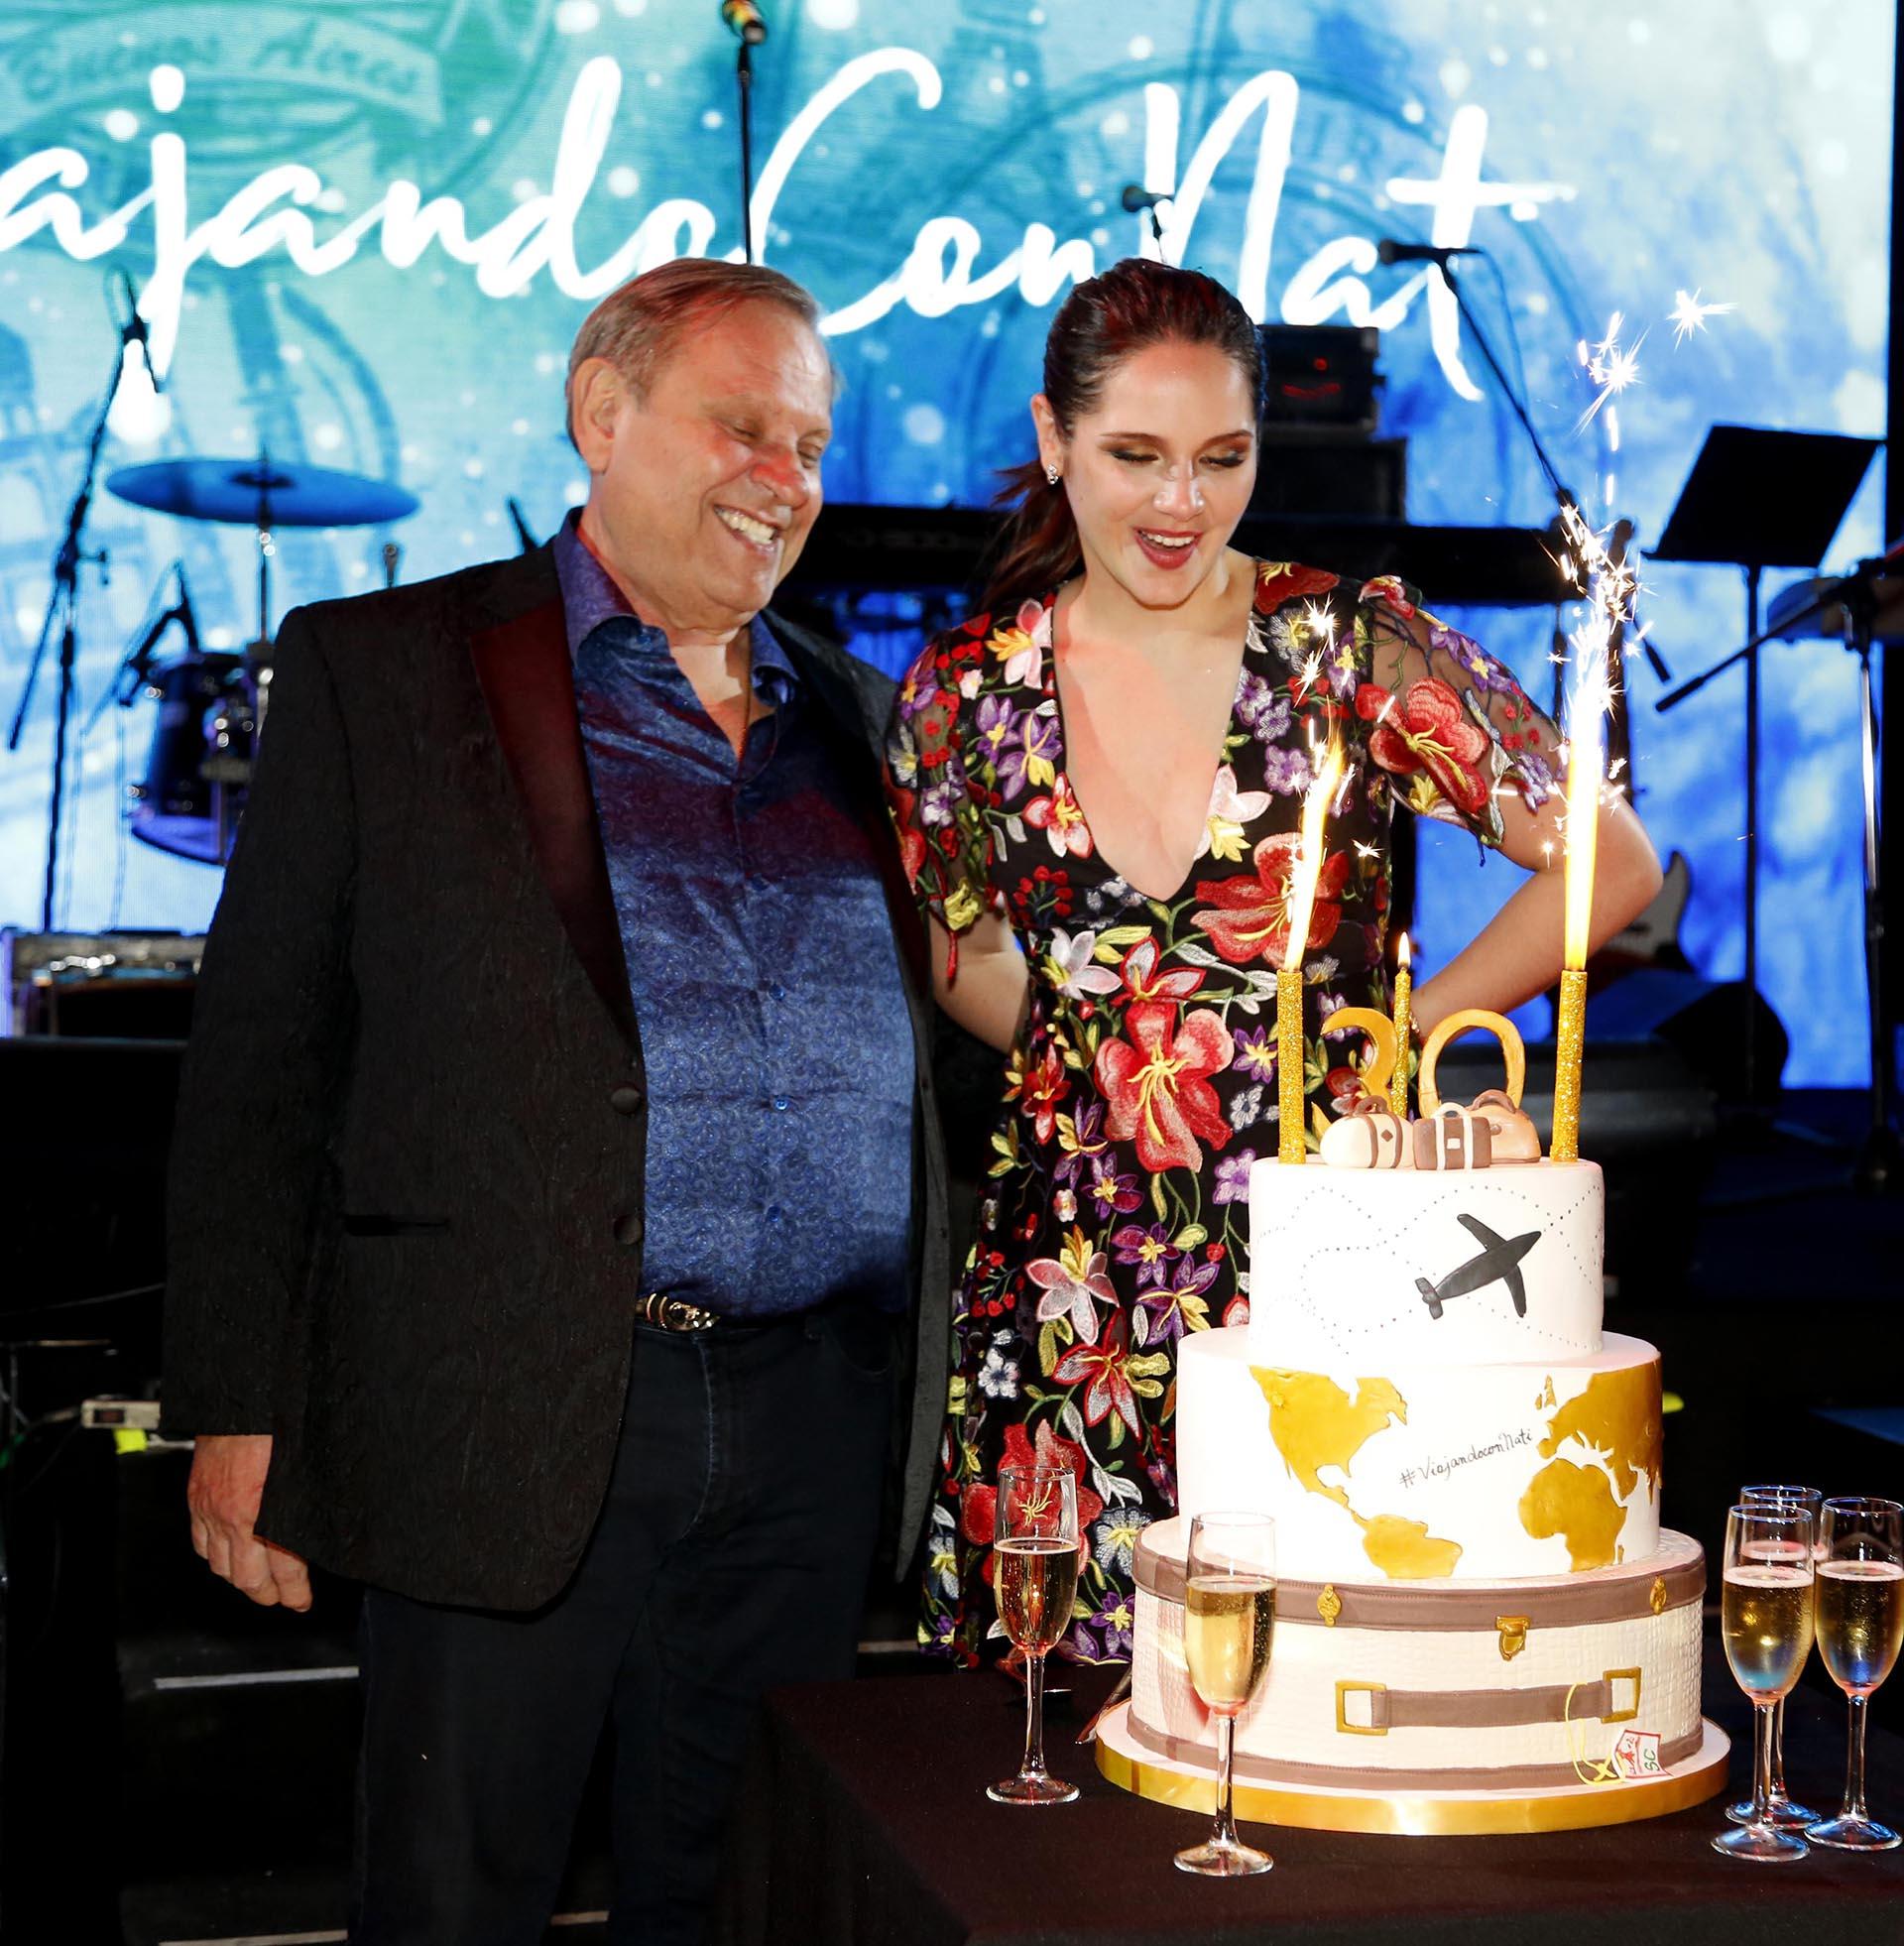 Natalí Márquez festejó sus 30 años con una gran fiesta temática denominada #ViajandoConNati, que se llevó a cabo en el Tattersall de Palermo